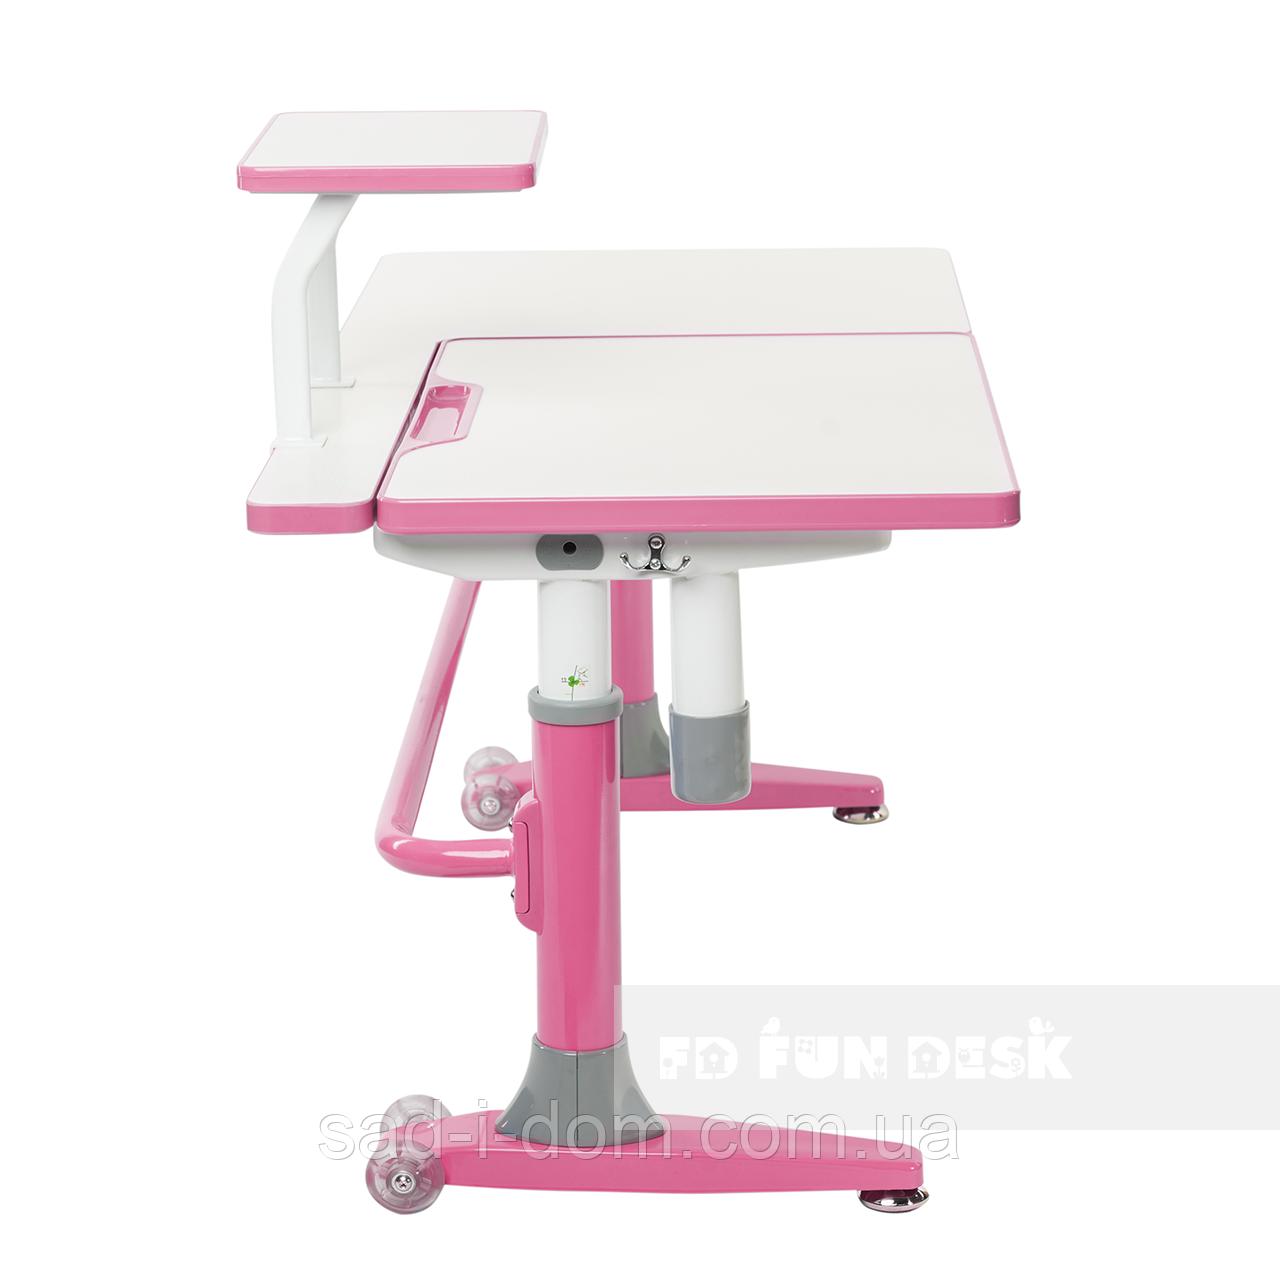 Парта-трансформер для школьника FunDesk Ballare, розовая